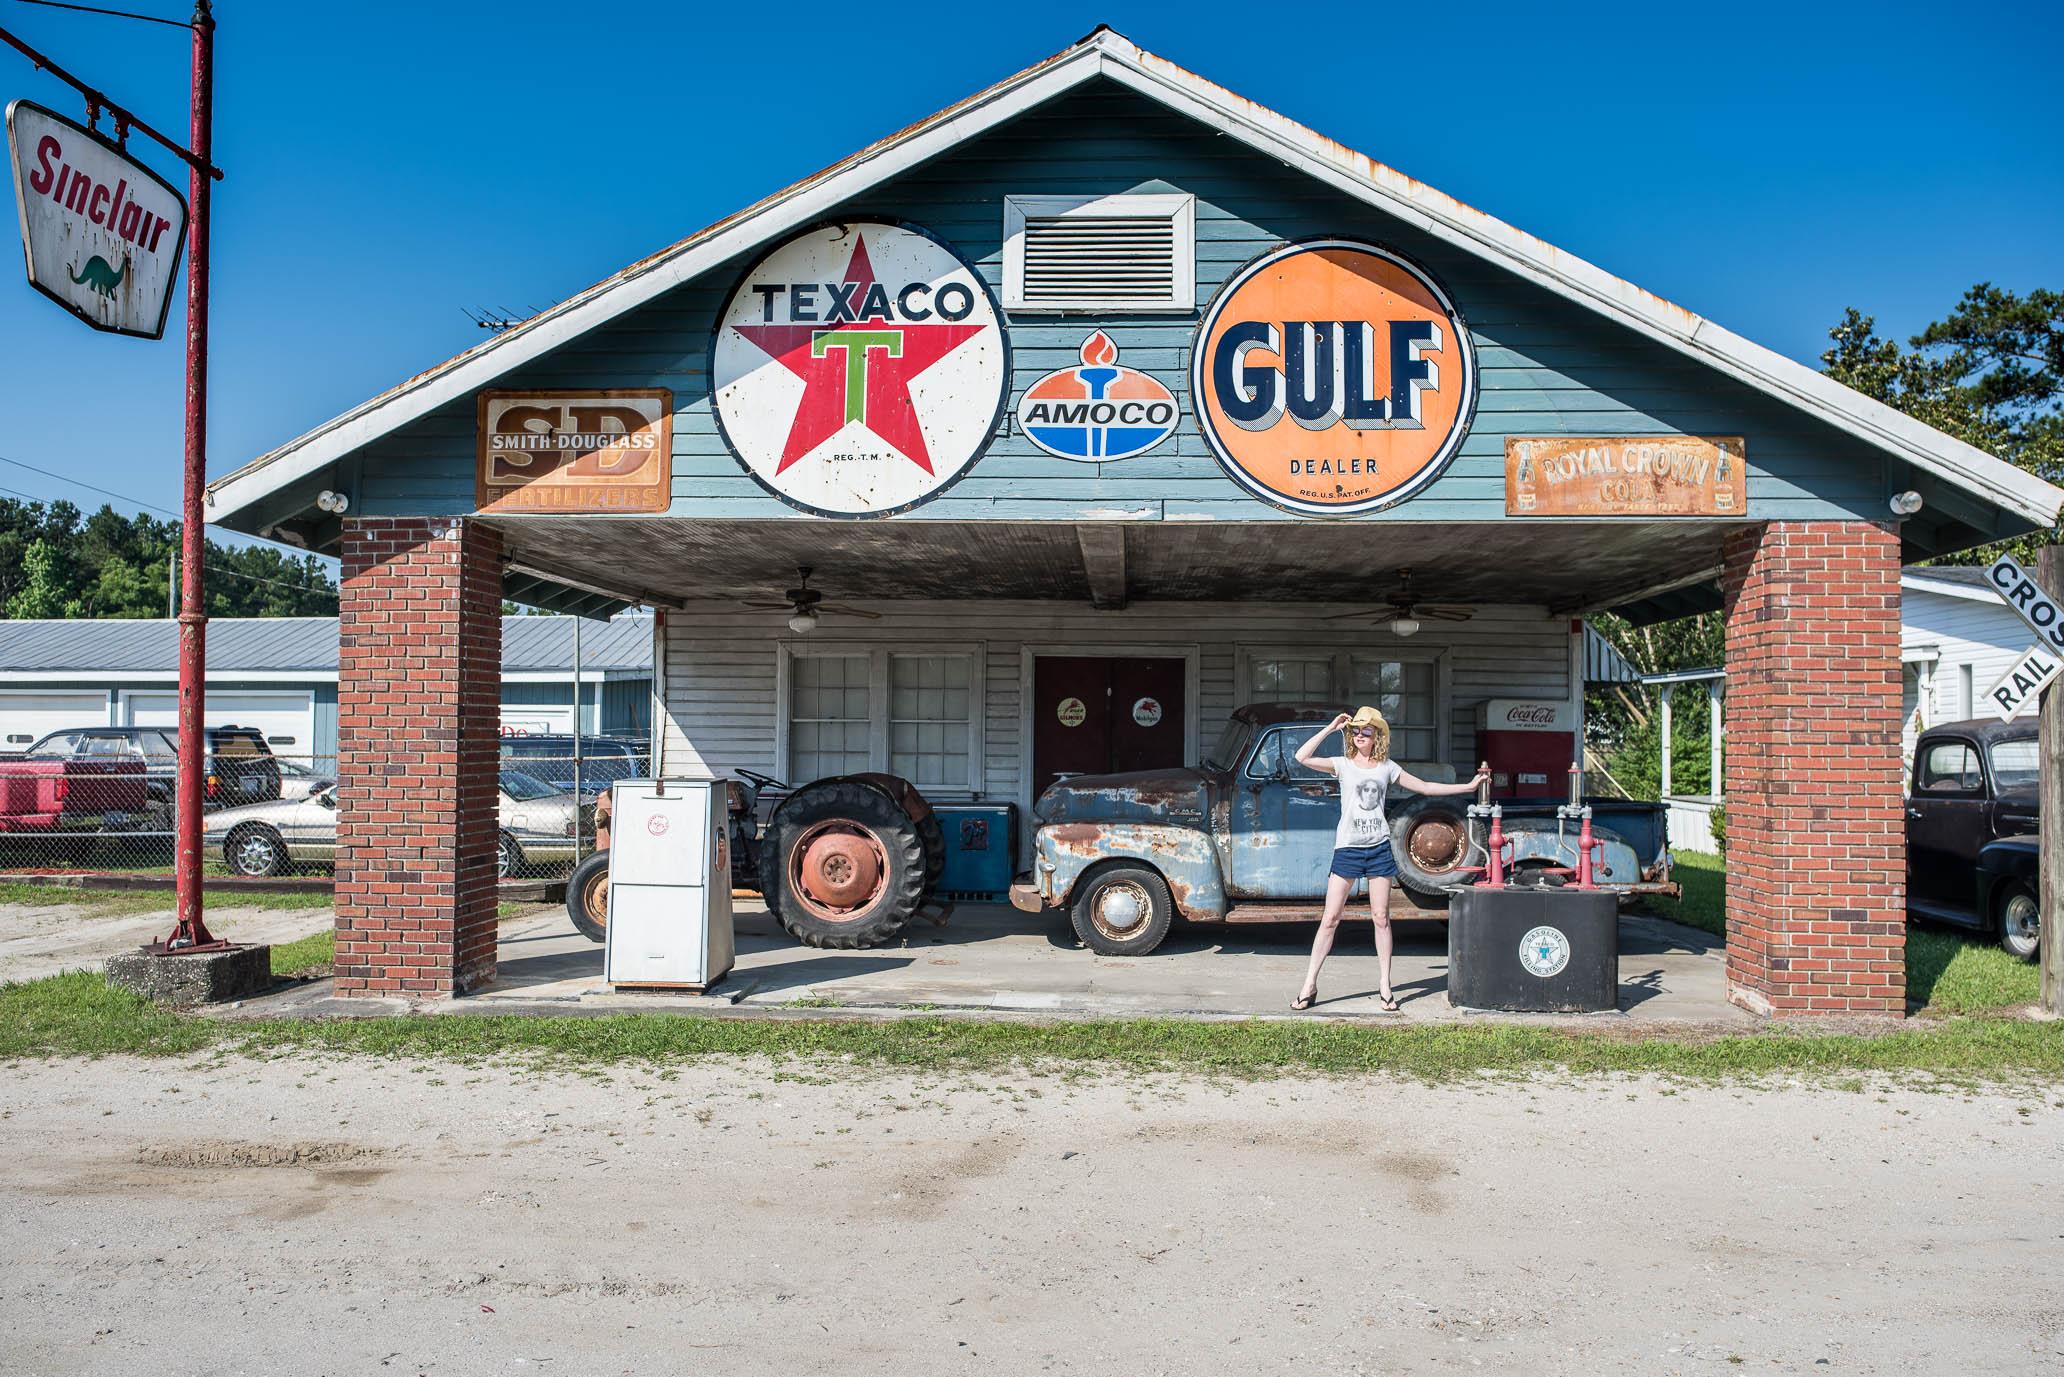 SuzyMae, vintage Gas Station